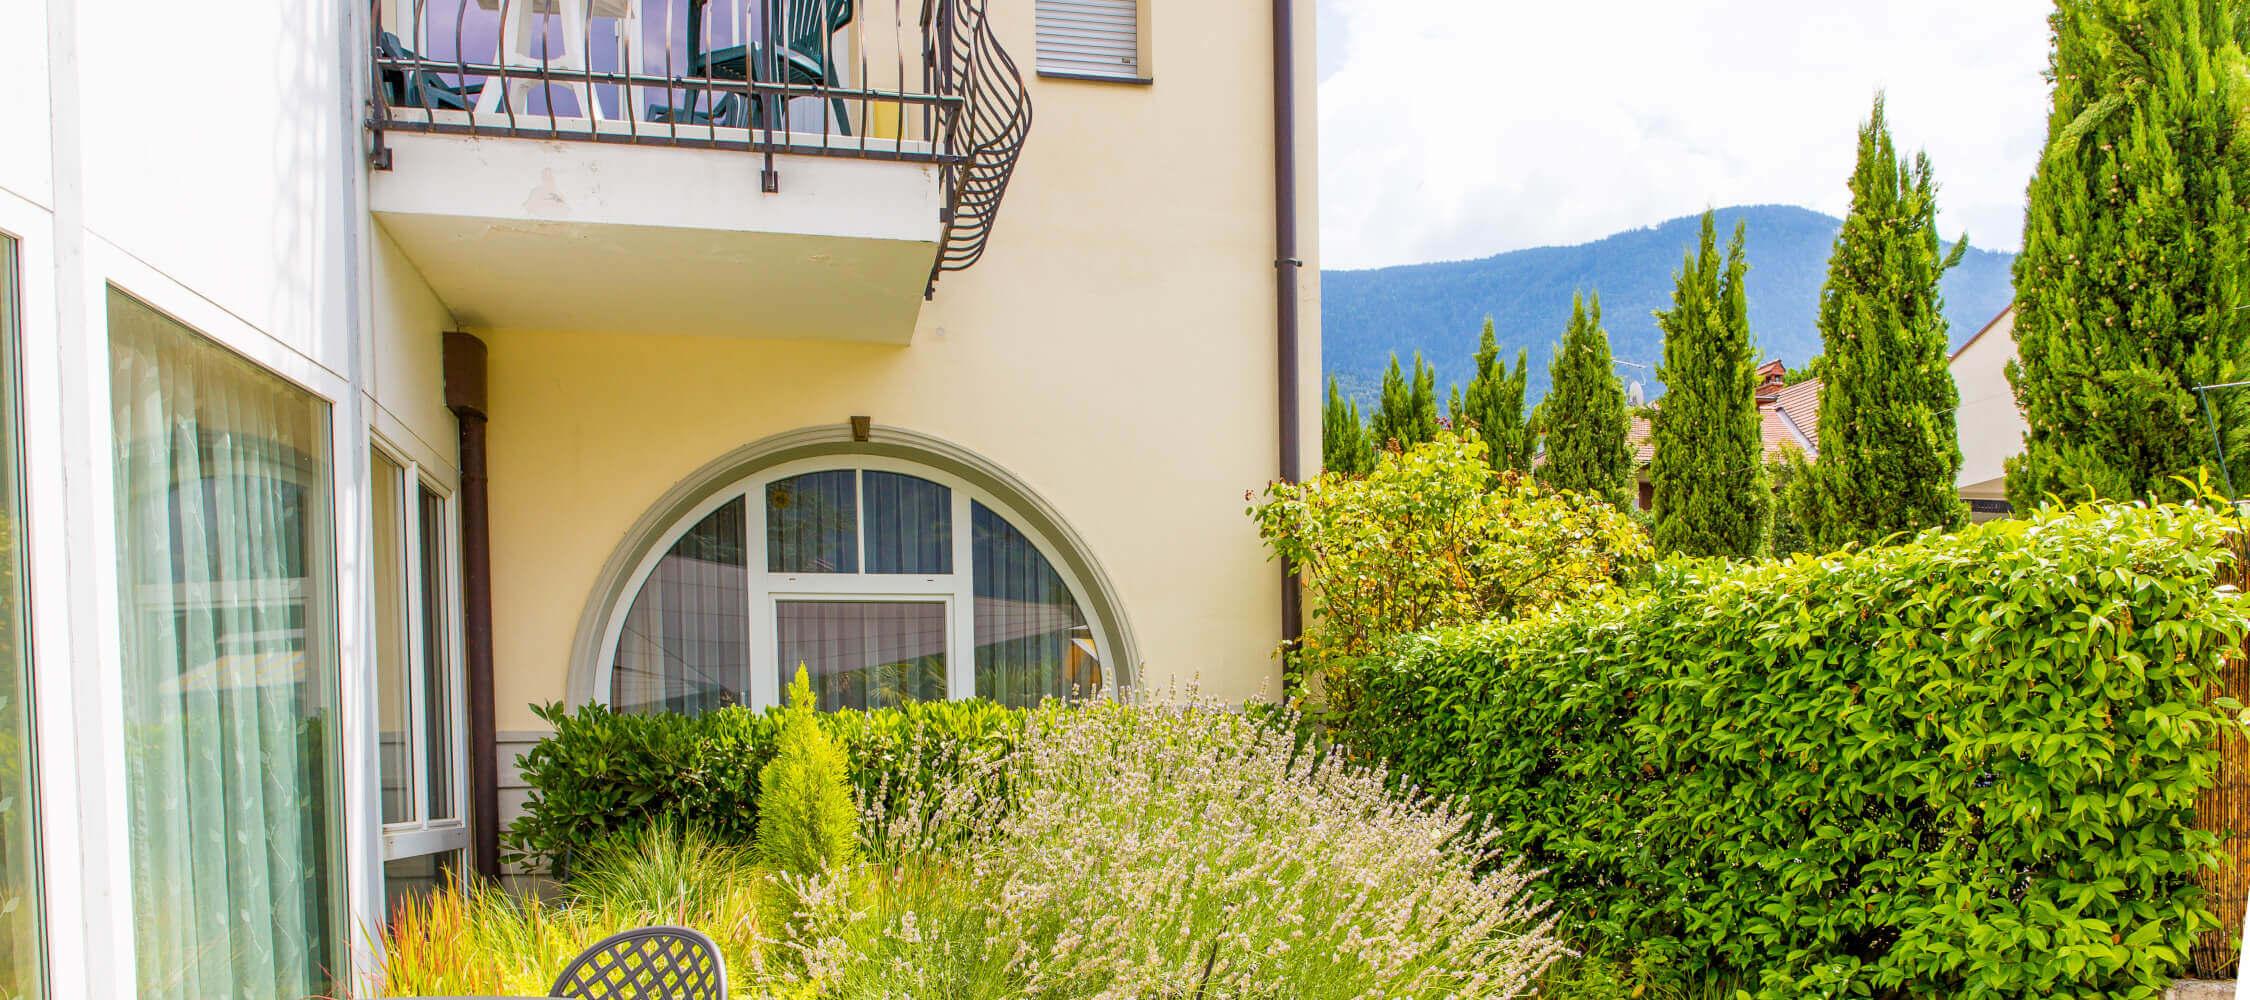 Hotel-Villa-Laurus-Merano-Garten-Terrasse-Detail-Anguane-6801-2250x1000